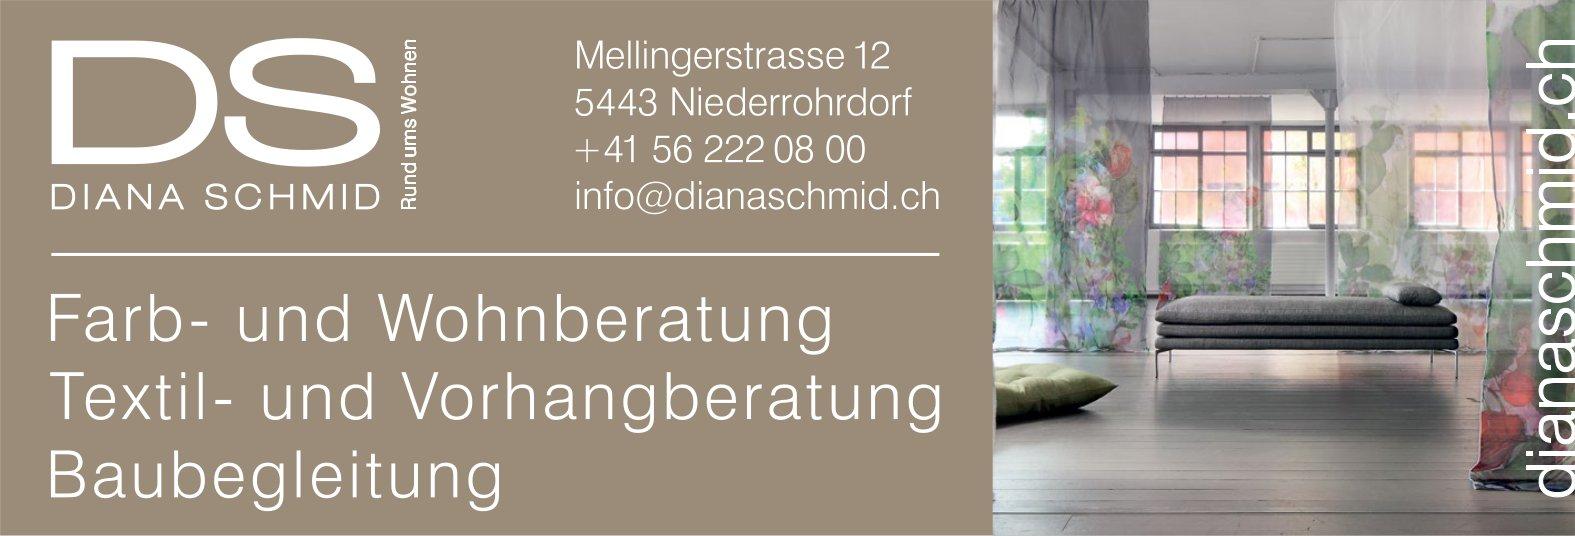 DIANA SCHMID - Farb- und Wohnberatung, Textil- und Vorhangberatung, Baubegleitung